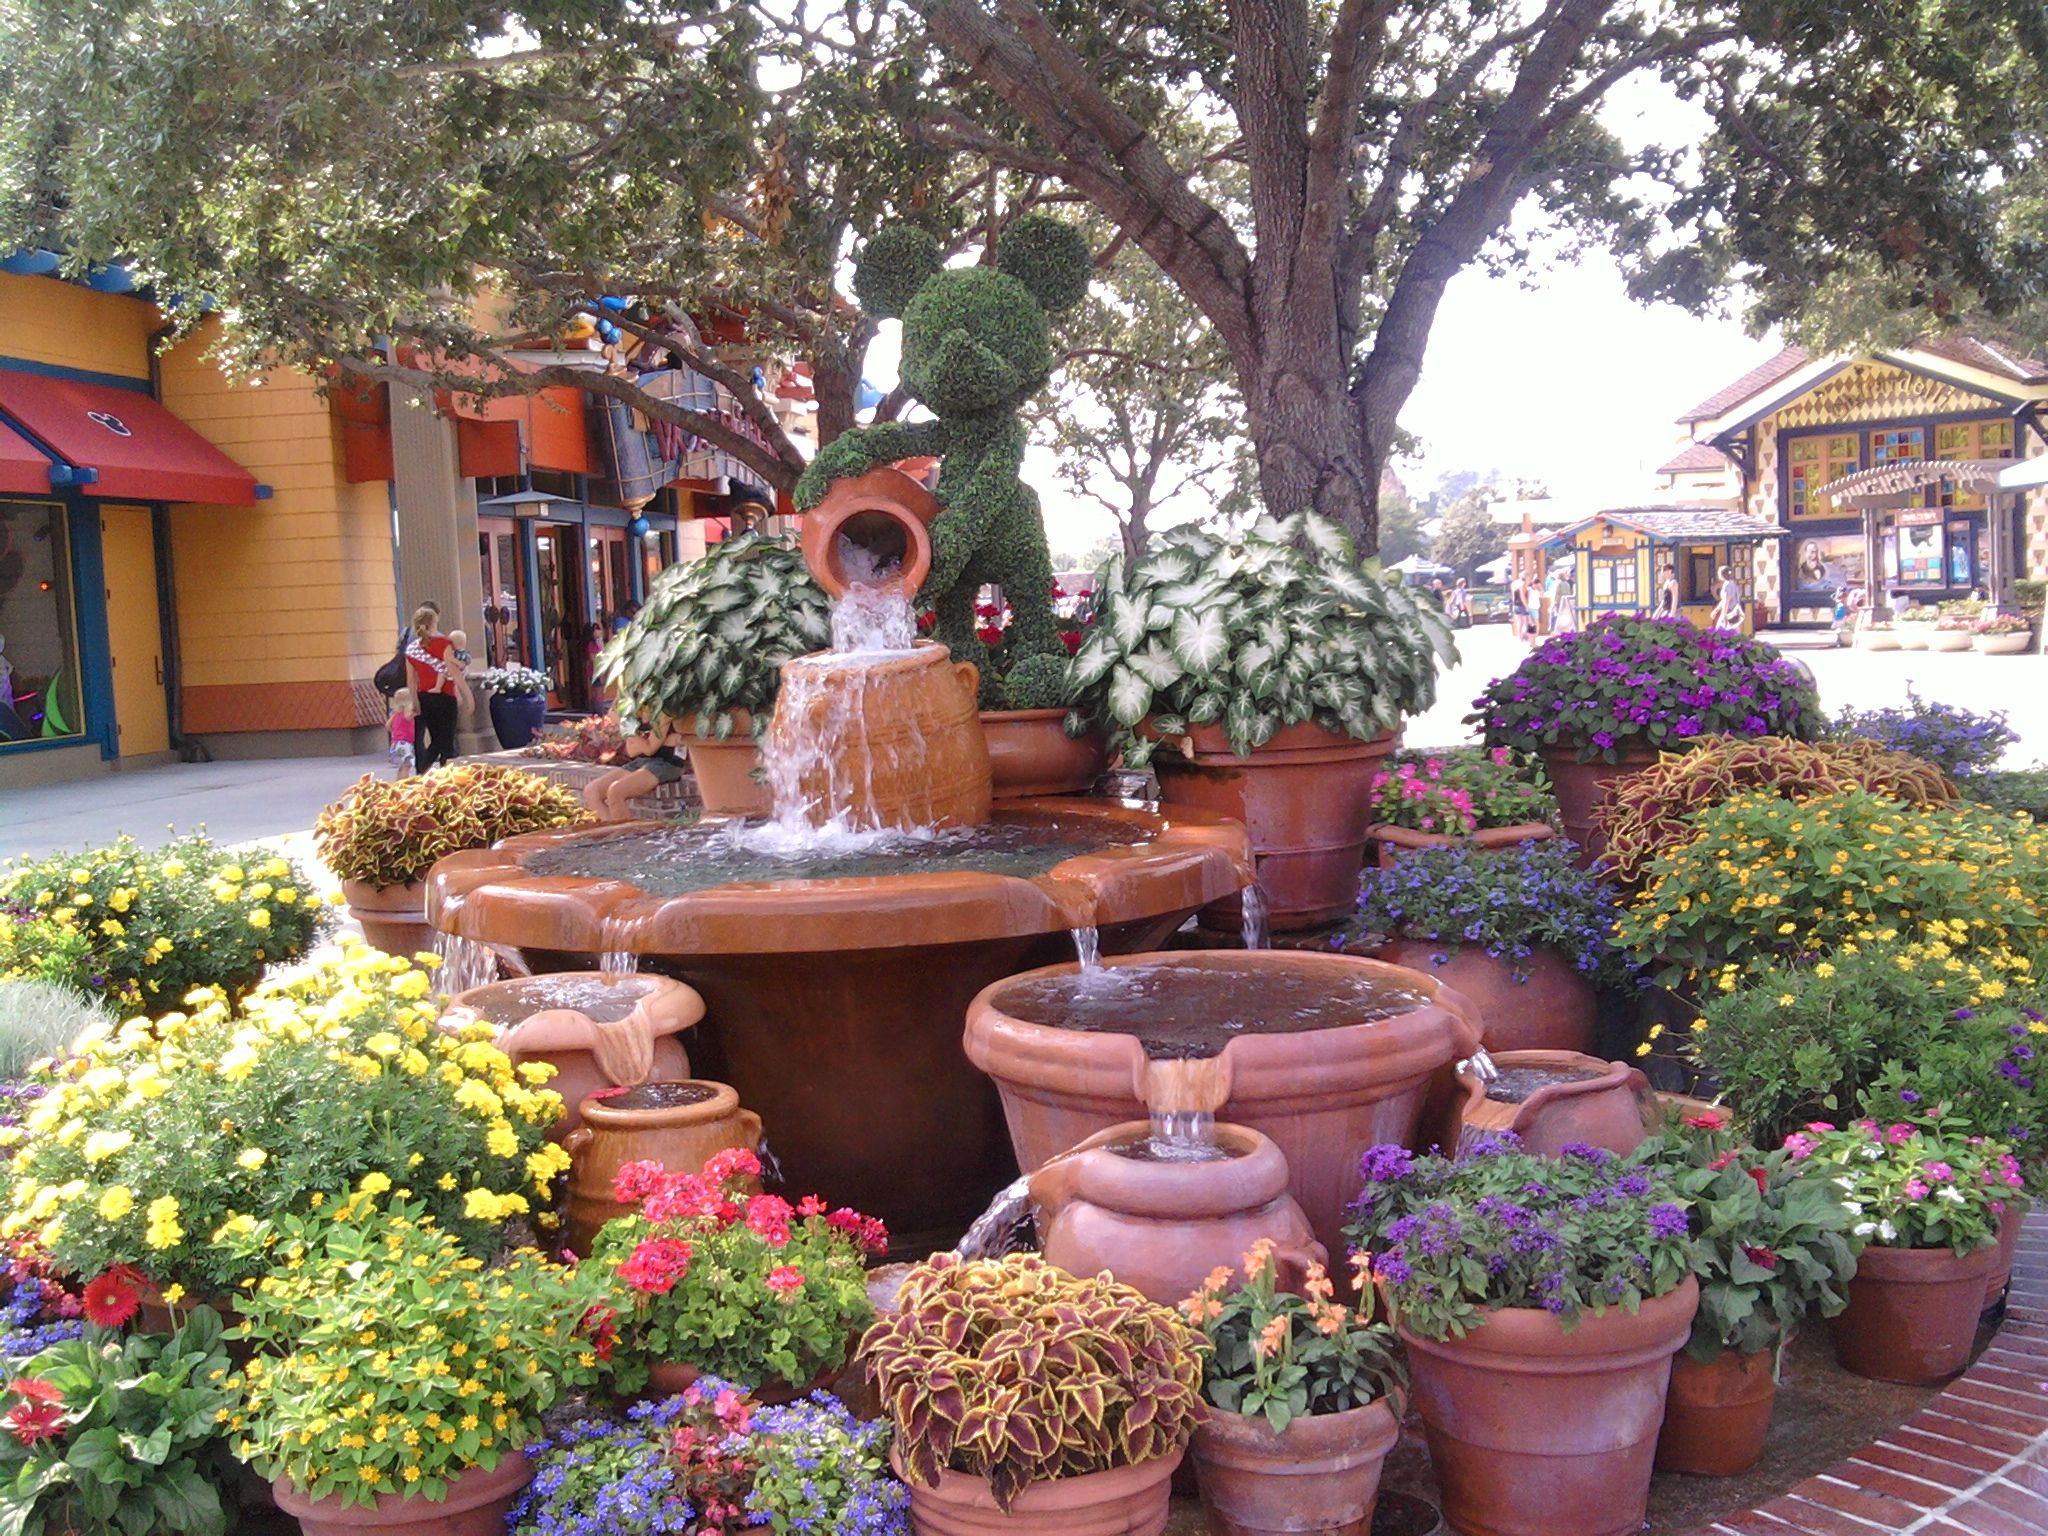 Pin On Florida Garden Ideas